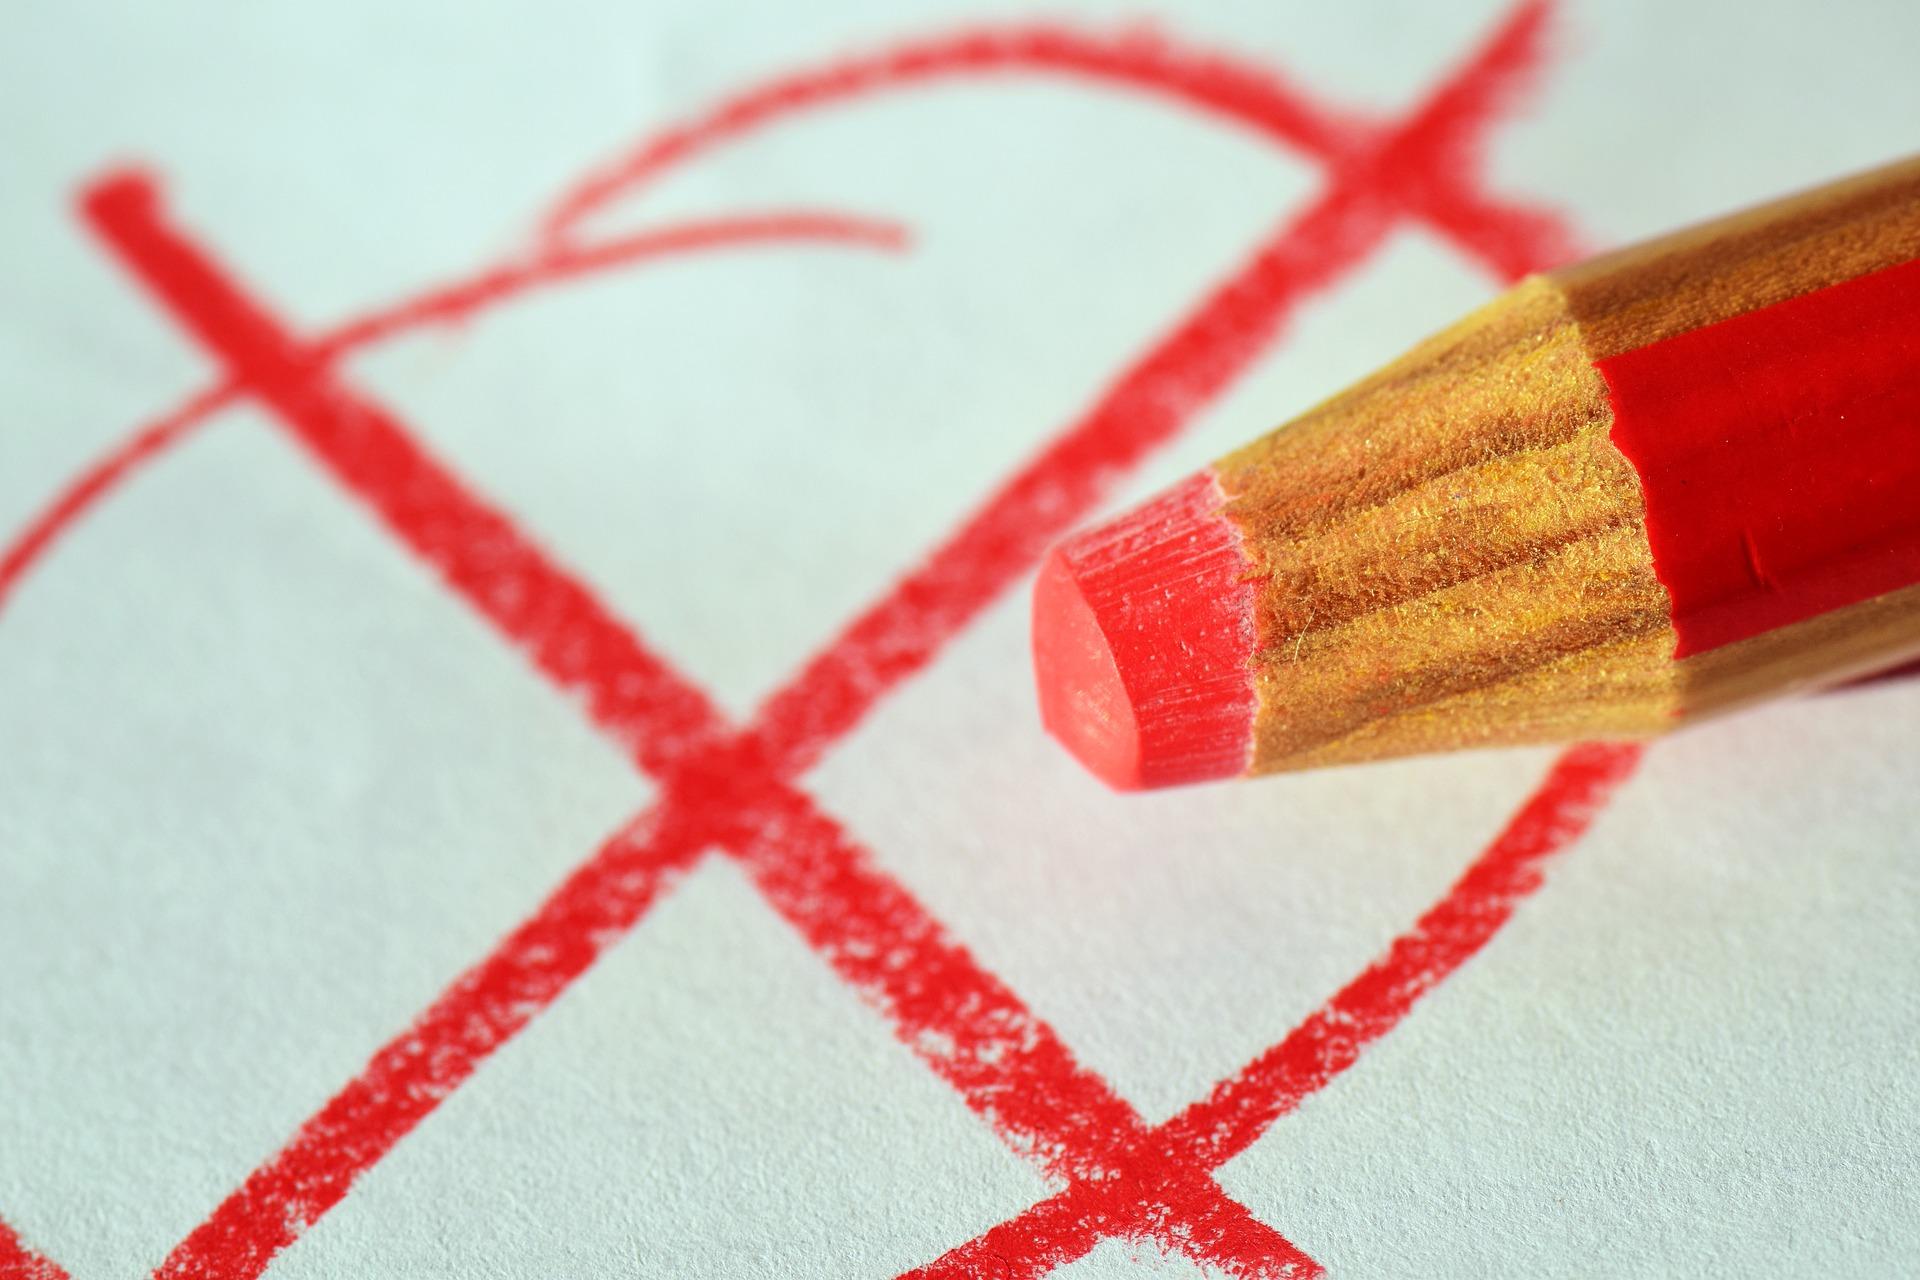 Droomtaal – 'de rode pen in het schrift'